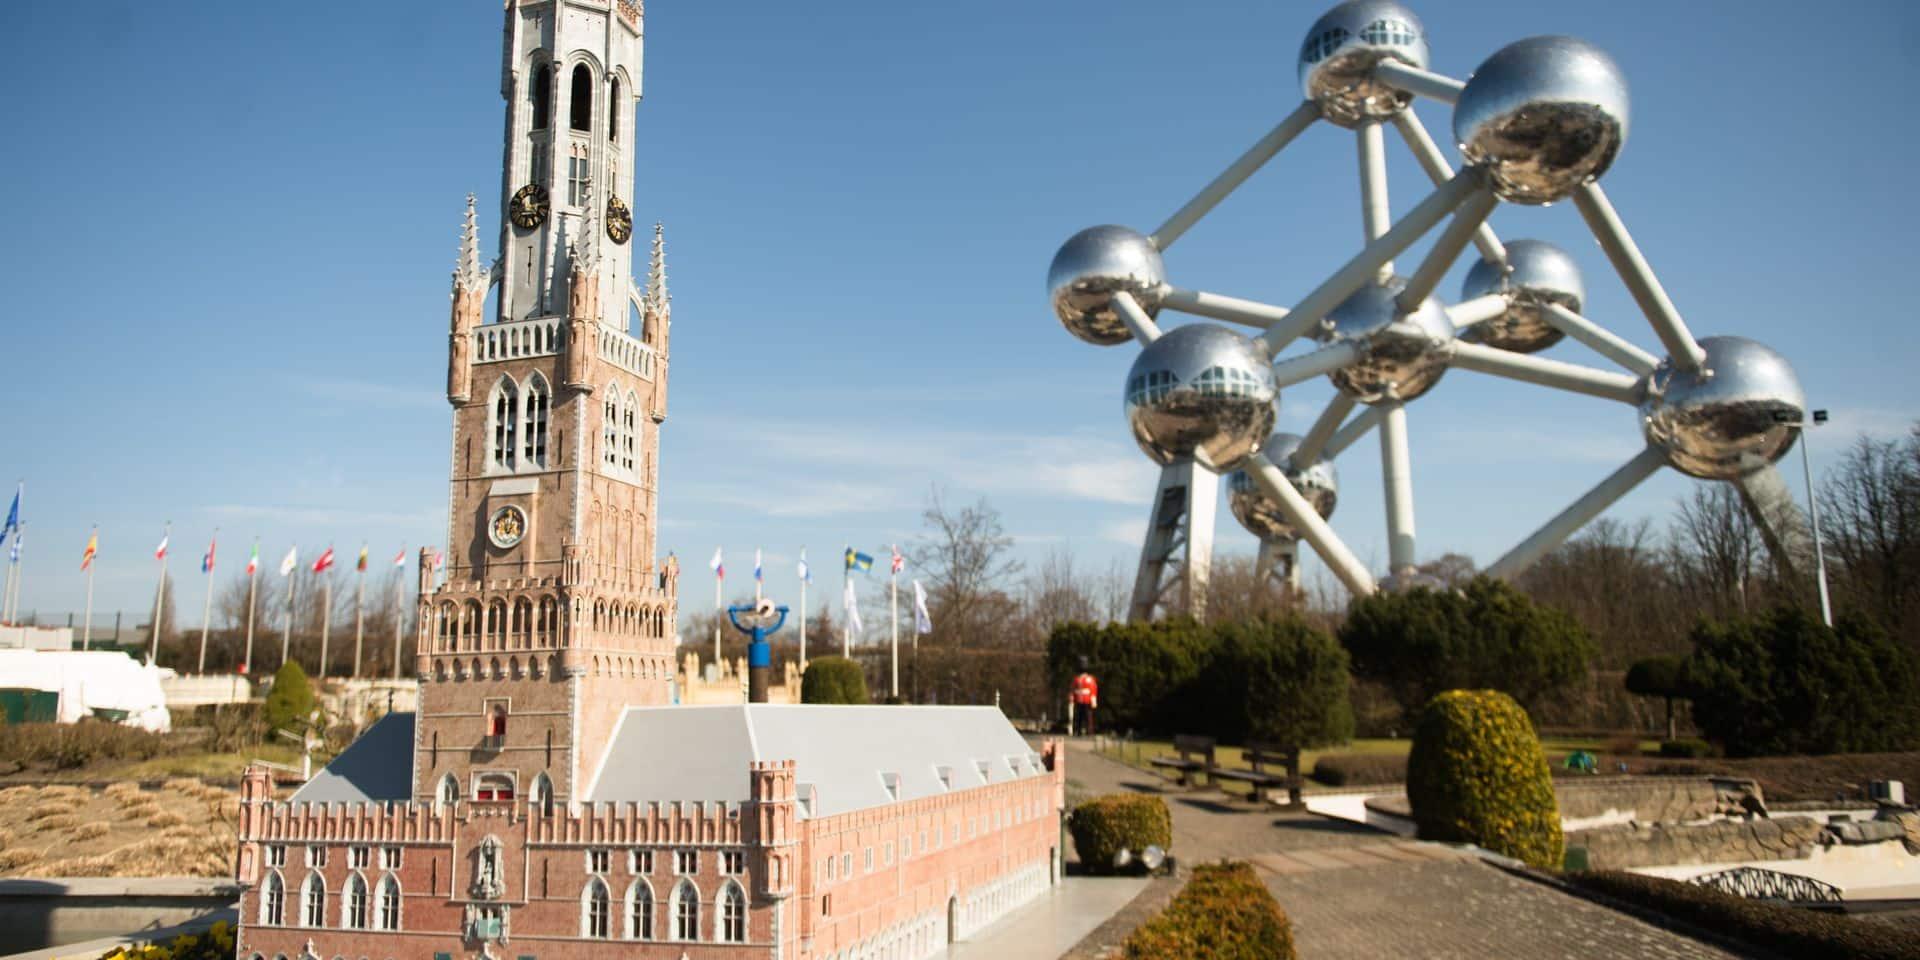 Bruxelles - Bruparck: Mini Europe entreprend la restauration de plusieurs de ses monuments